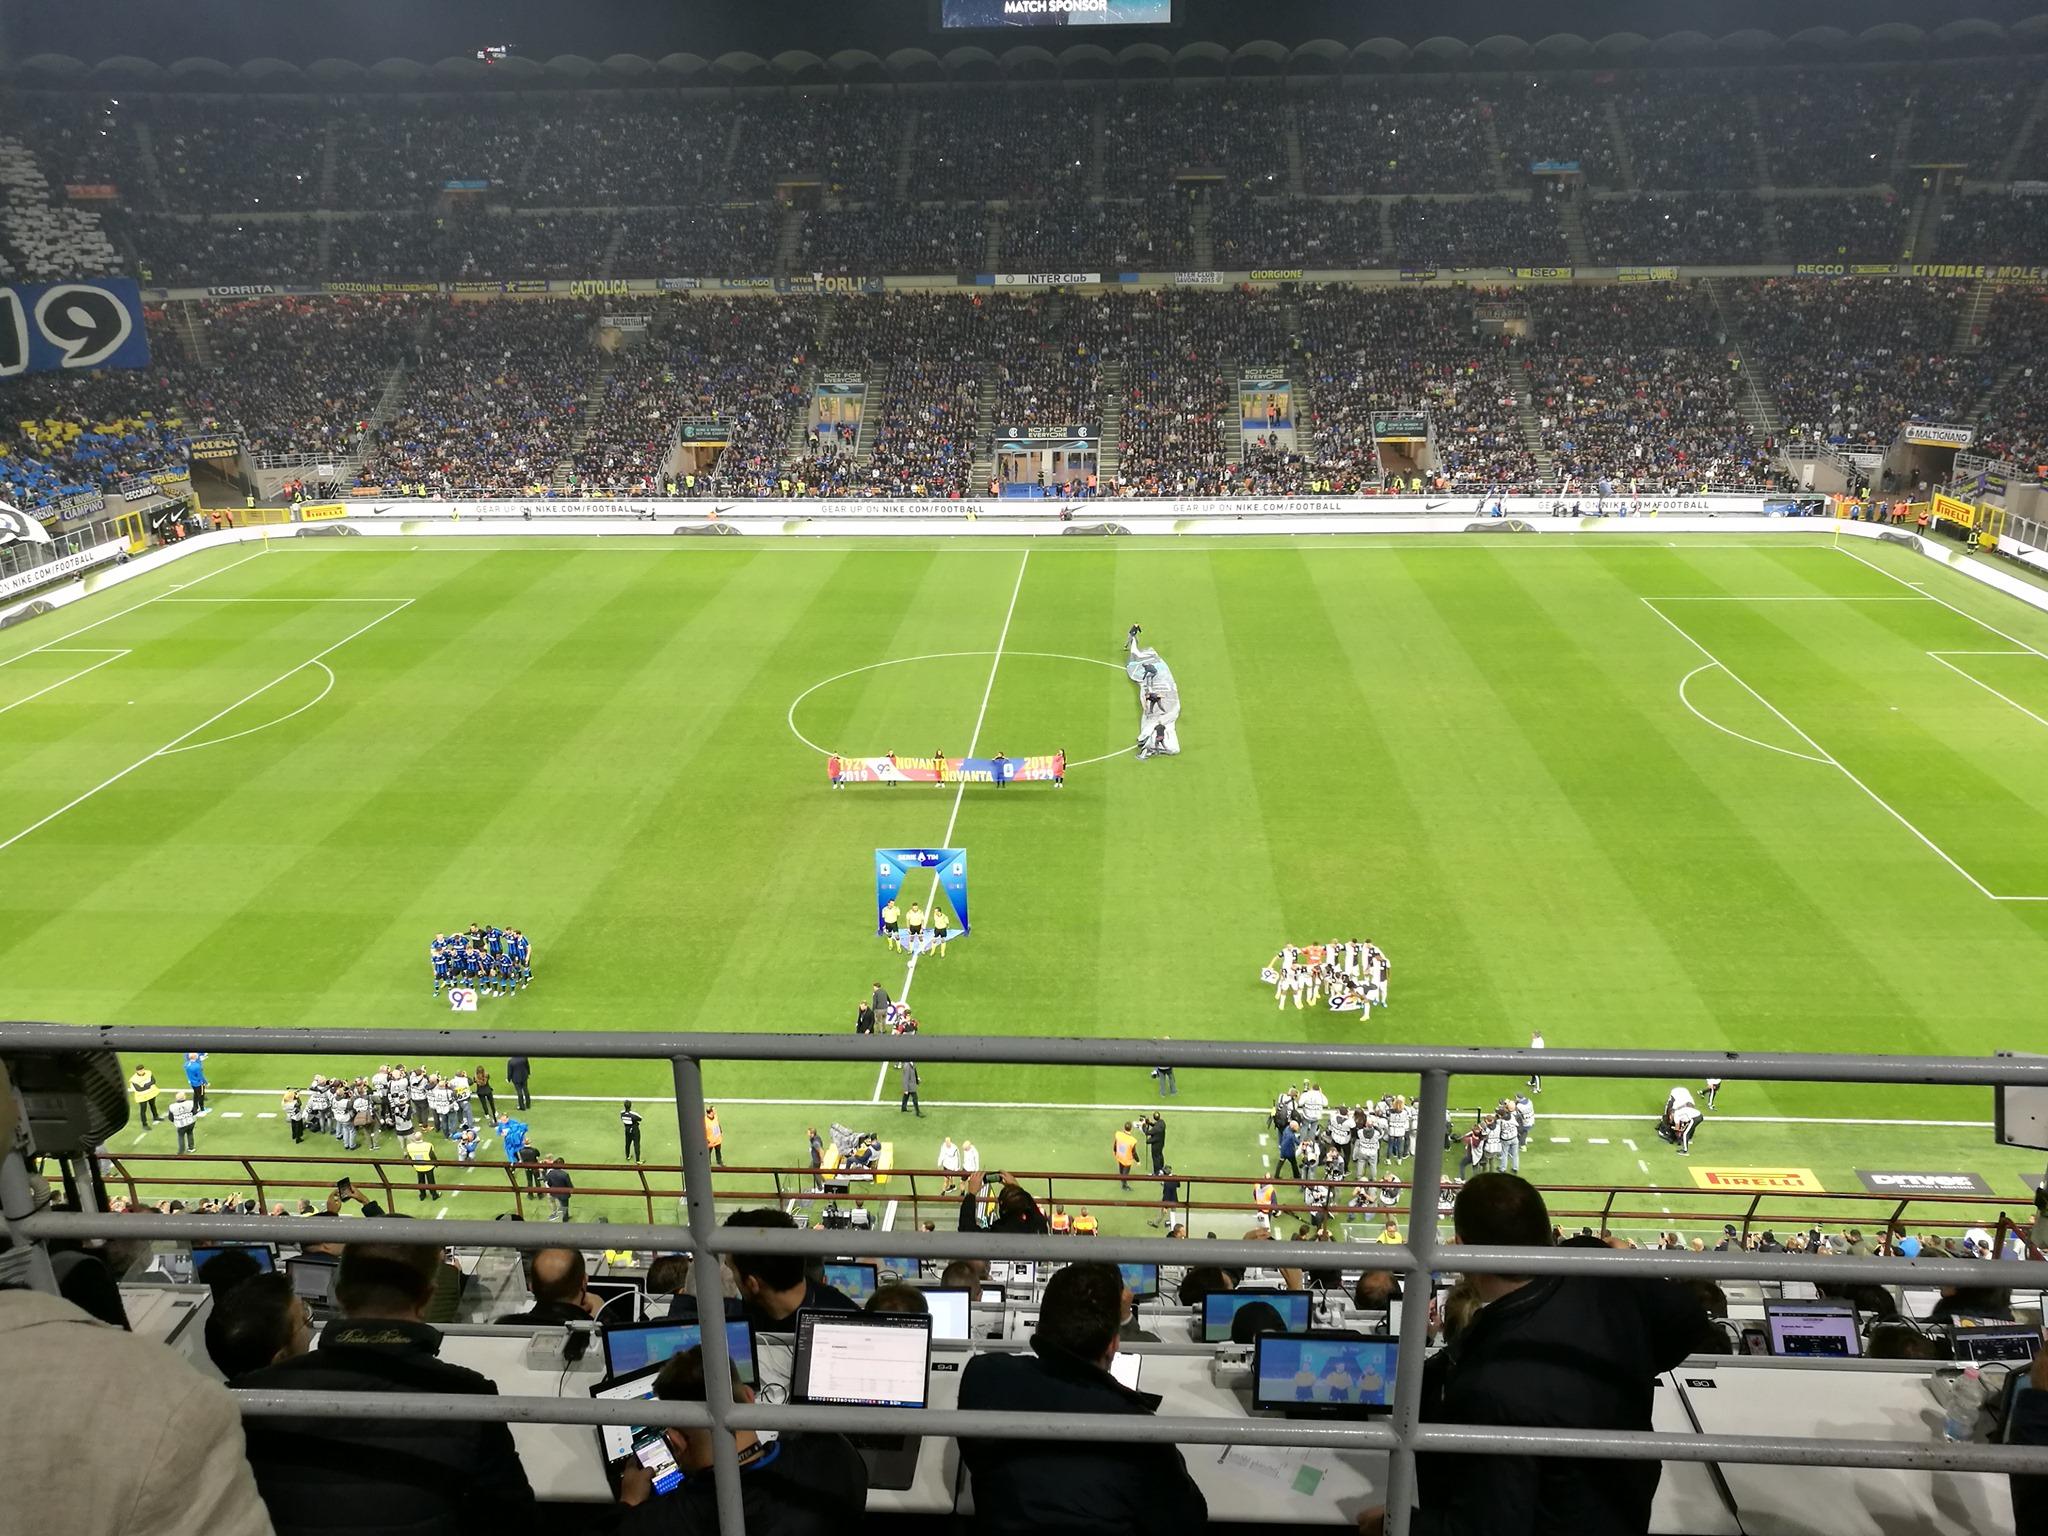 Juve, la vetta è tua: Dybala e Higuain stendono l'Inter